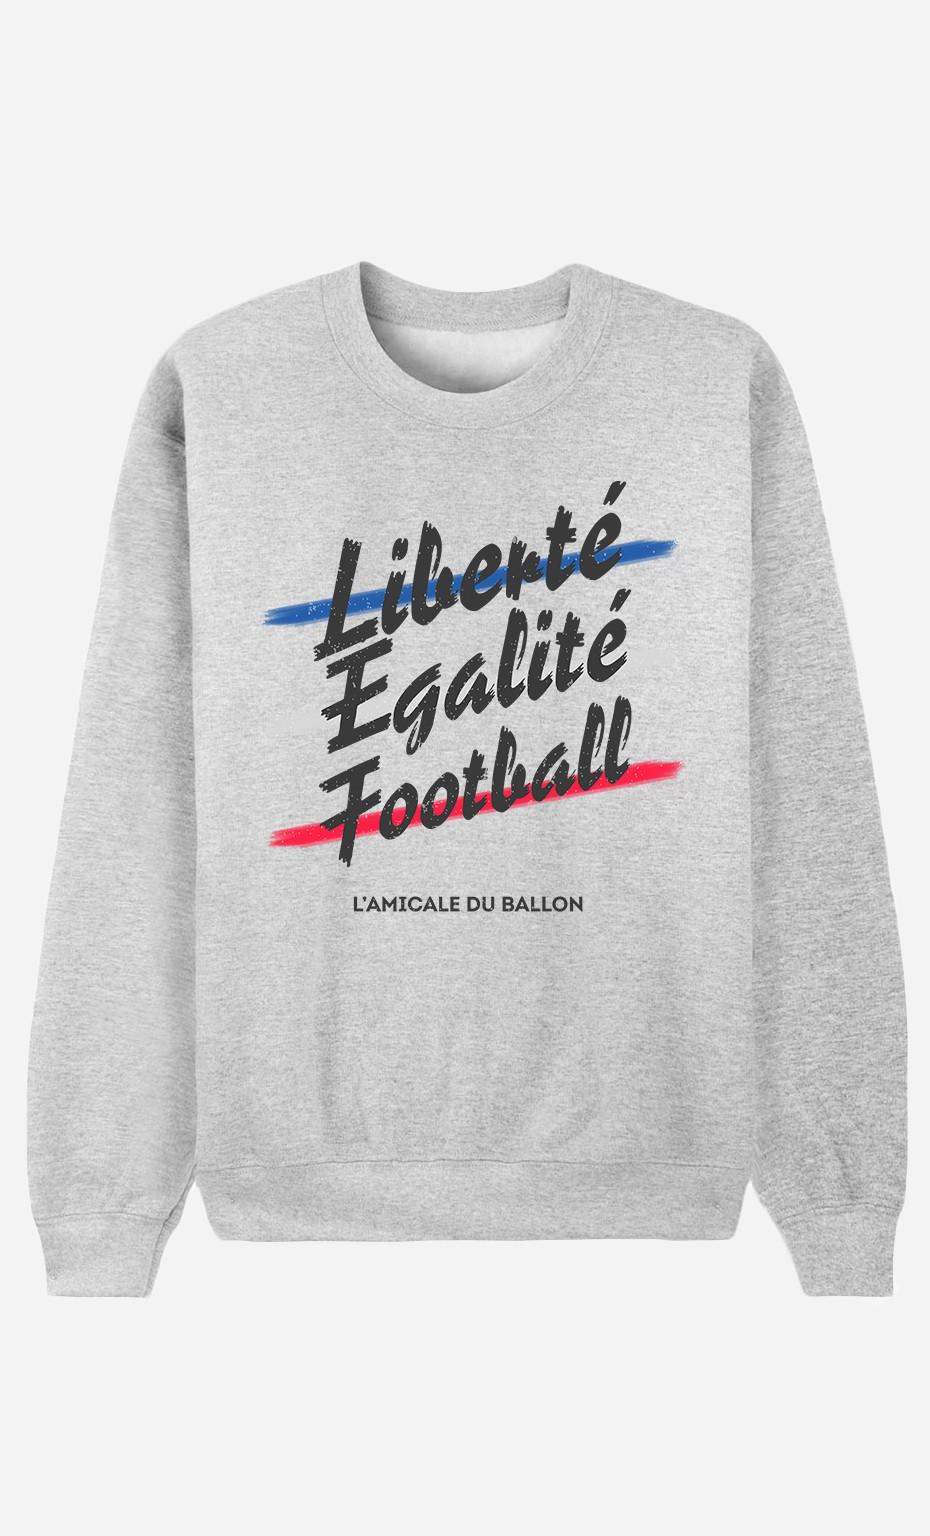 Sweat Femme Liberté Egalité Football